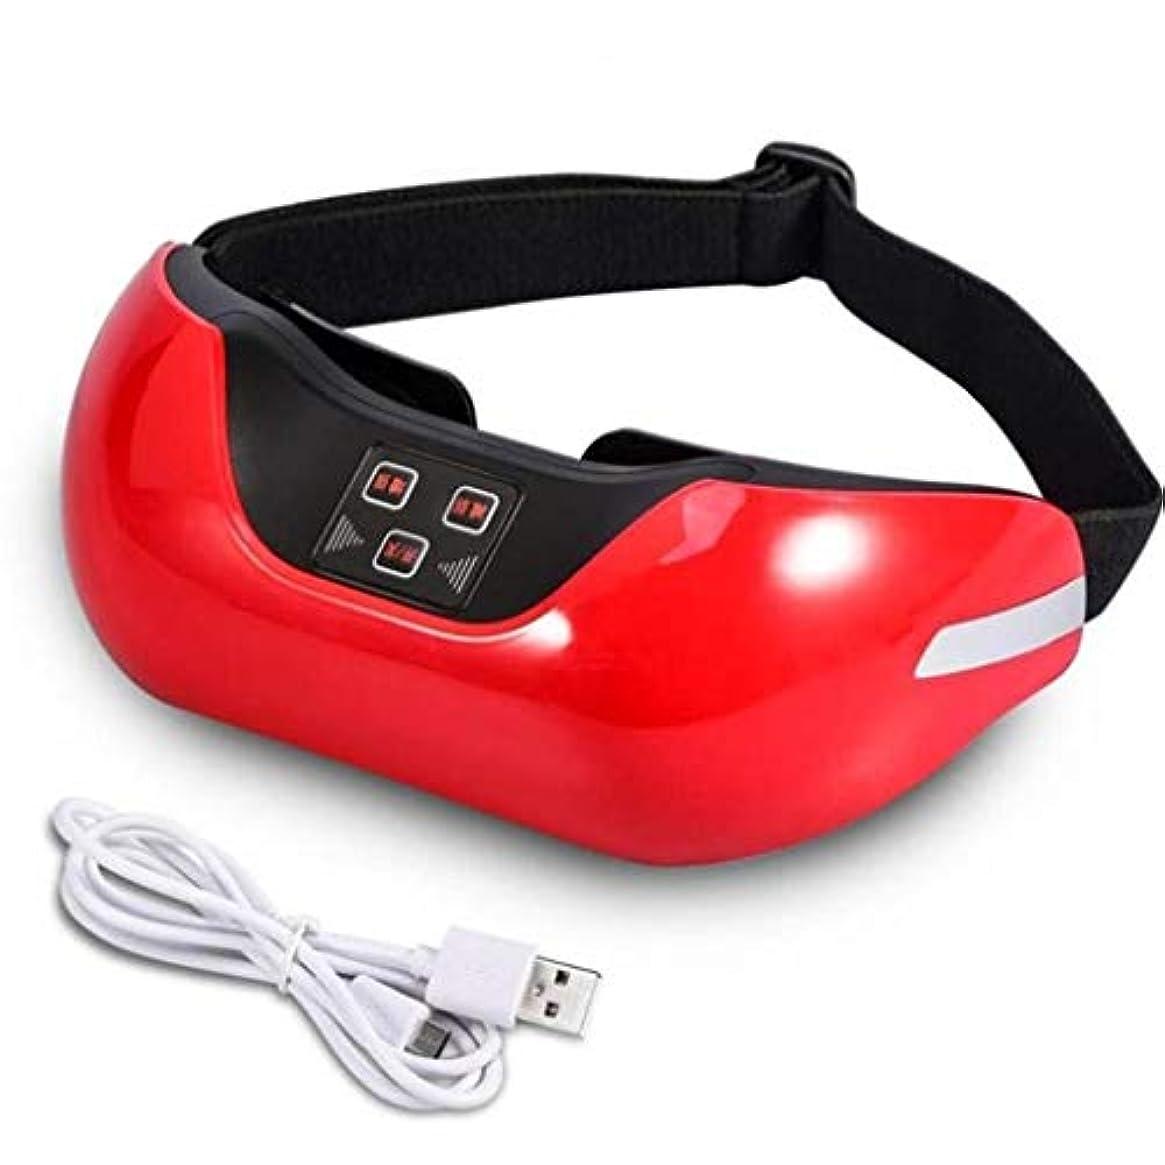 ホイスト家禽ええアイマッサージャー、ワイヤレス3D充電式グリーンアイリカバリービジョン電動マッサージャー、修復ビジョンマッサージャー、アイケアツールは血液循環を促進し、疲労を和らげます (Color : Red)